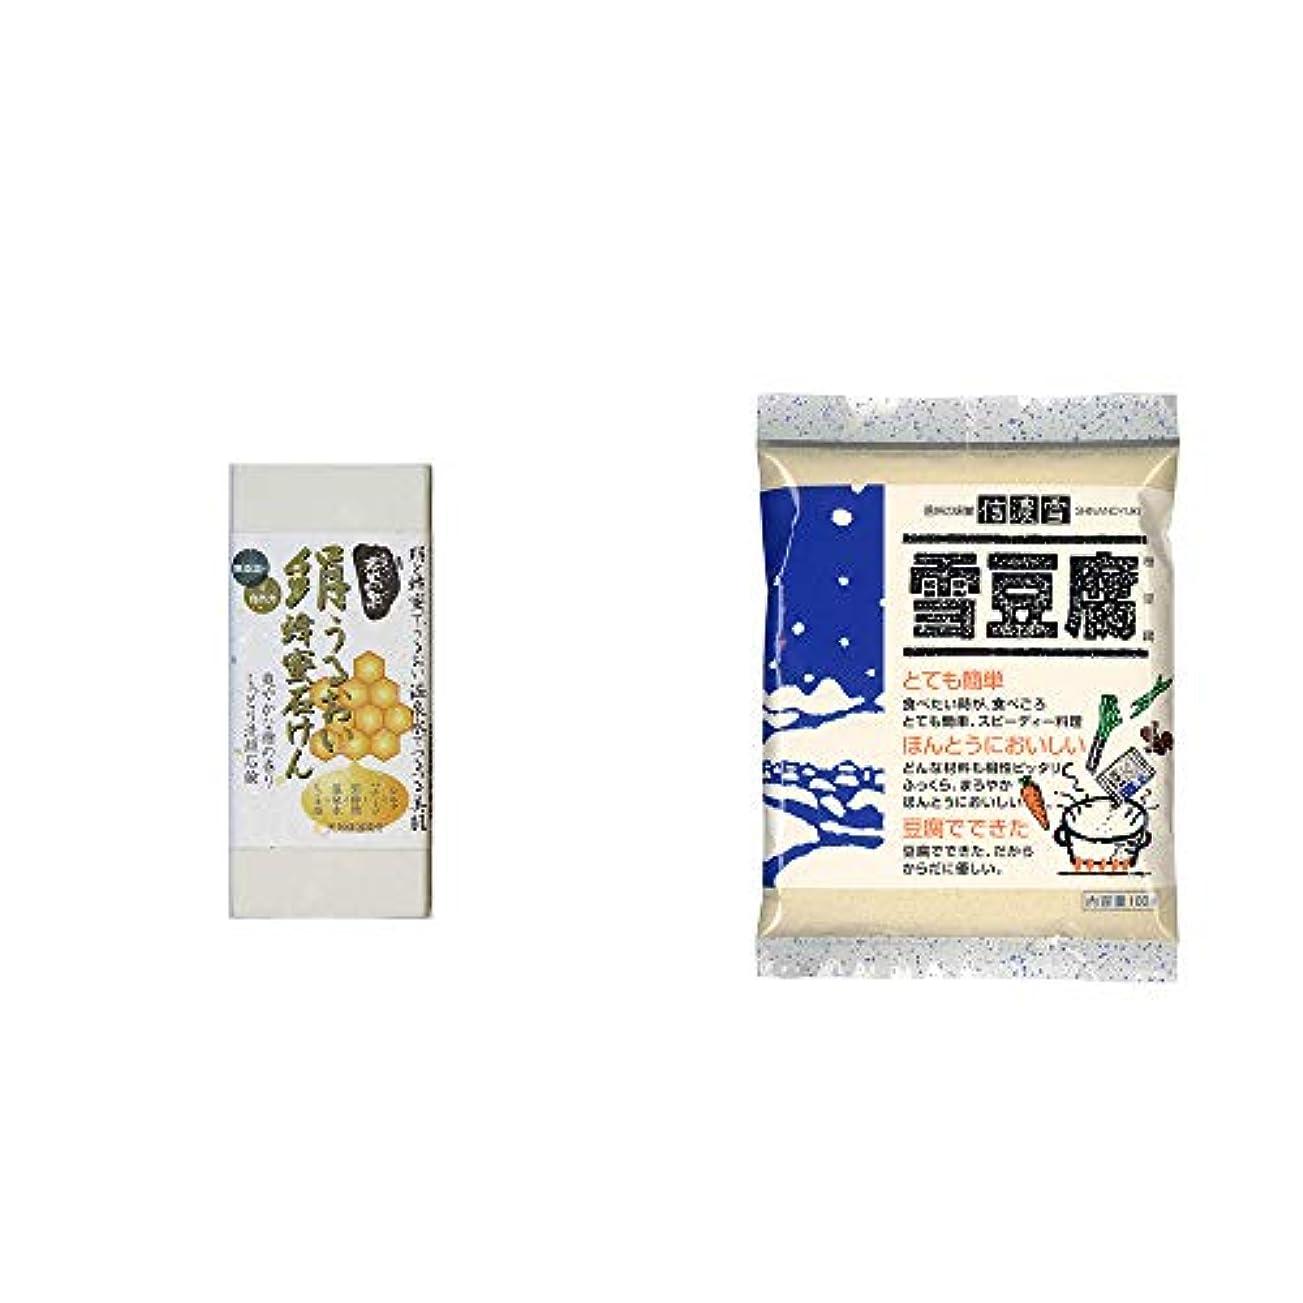 ほとんどの場合地震愛[2点セット] ひのき炭黒泉 絹うるおい蜂蜜石けん(75g×2)?信濃雪 雪豆腐(粉豆腐)(100g)